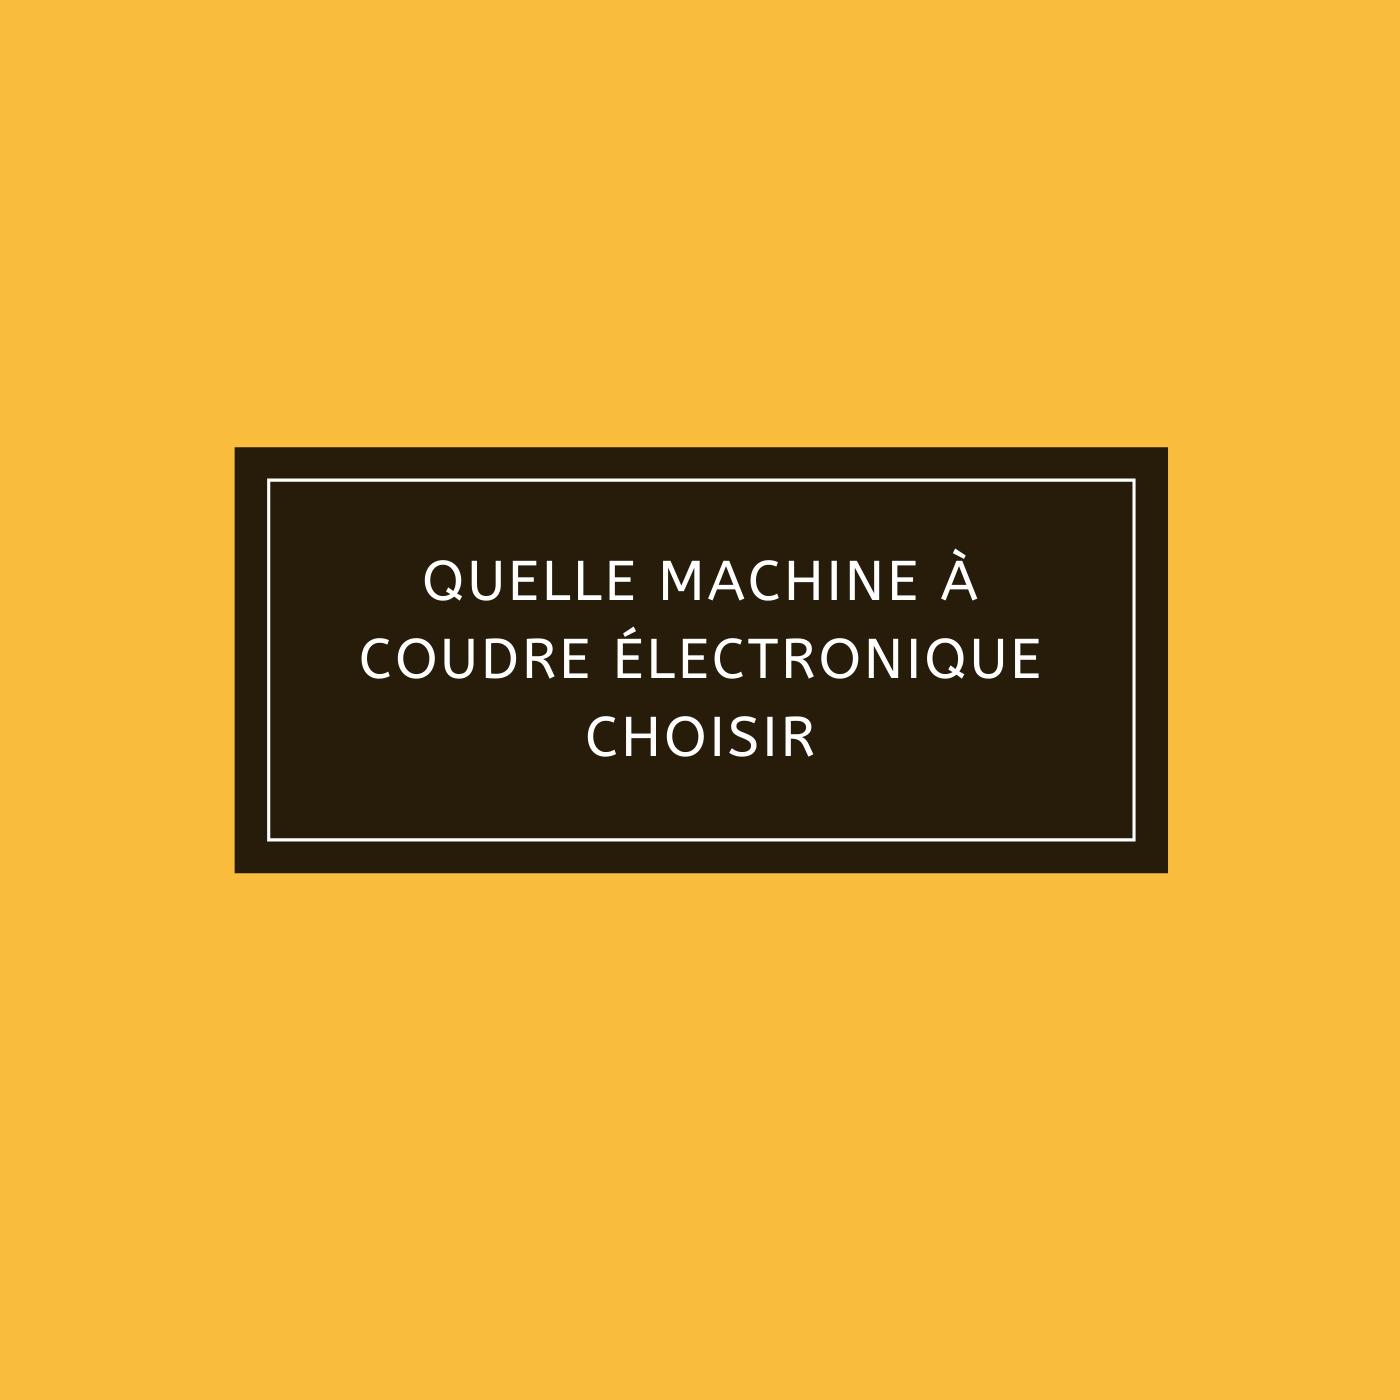 Quelle machine à coudre électronique choisir